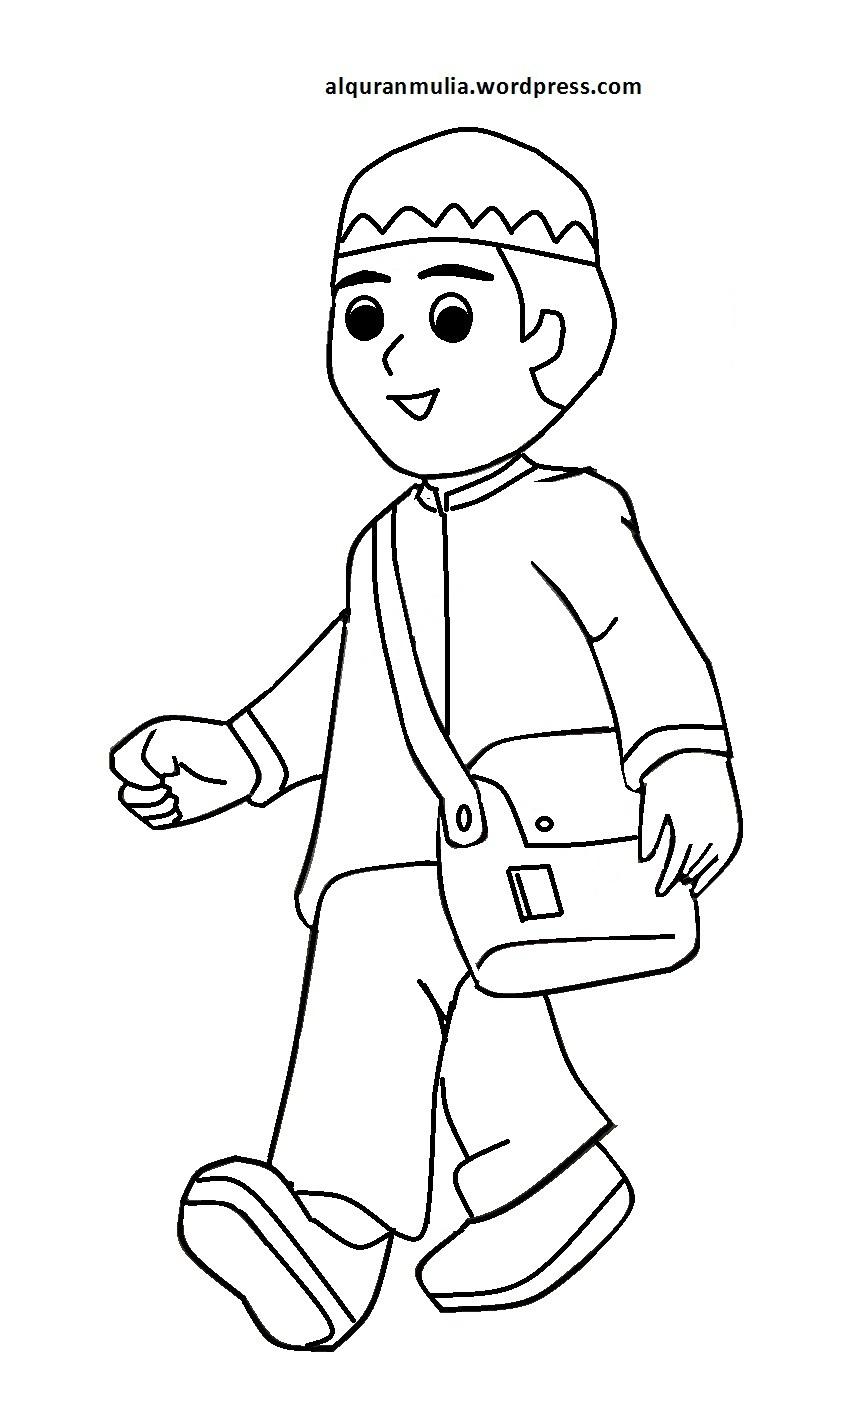 Kumpulan Gambar Kartun Anak Sholehah Kolek Gambar